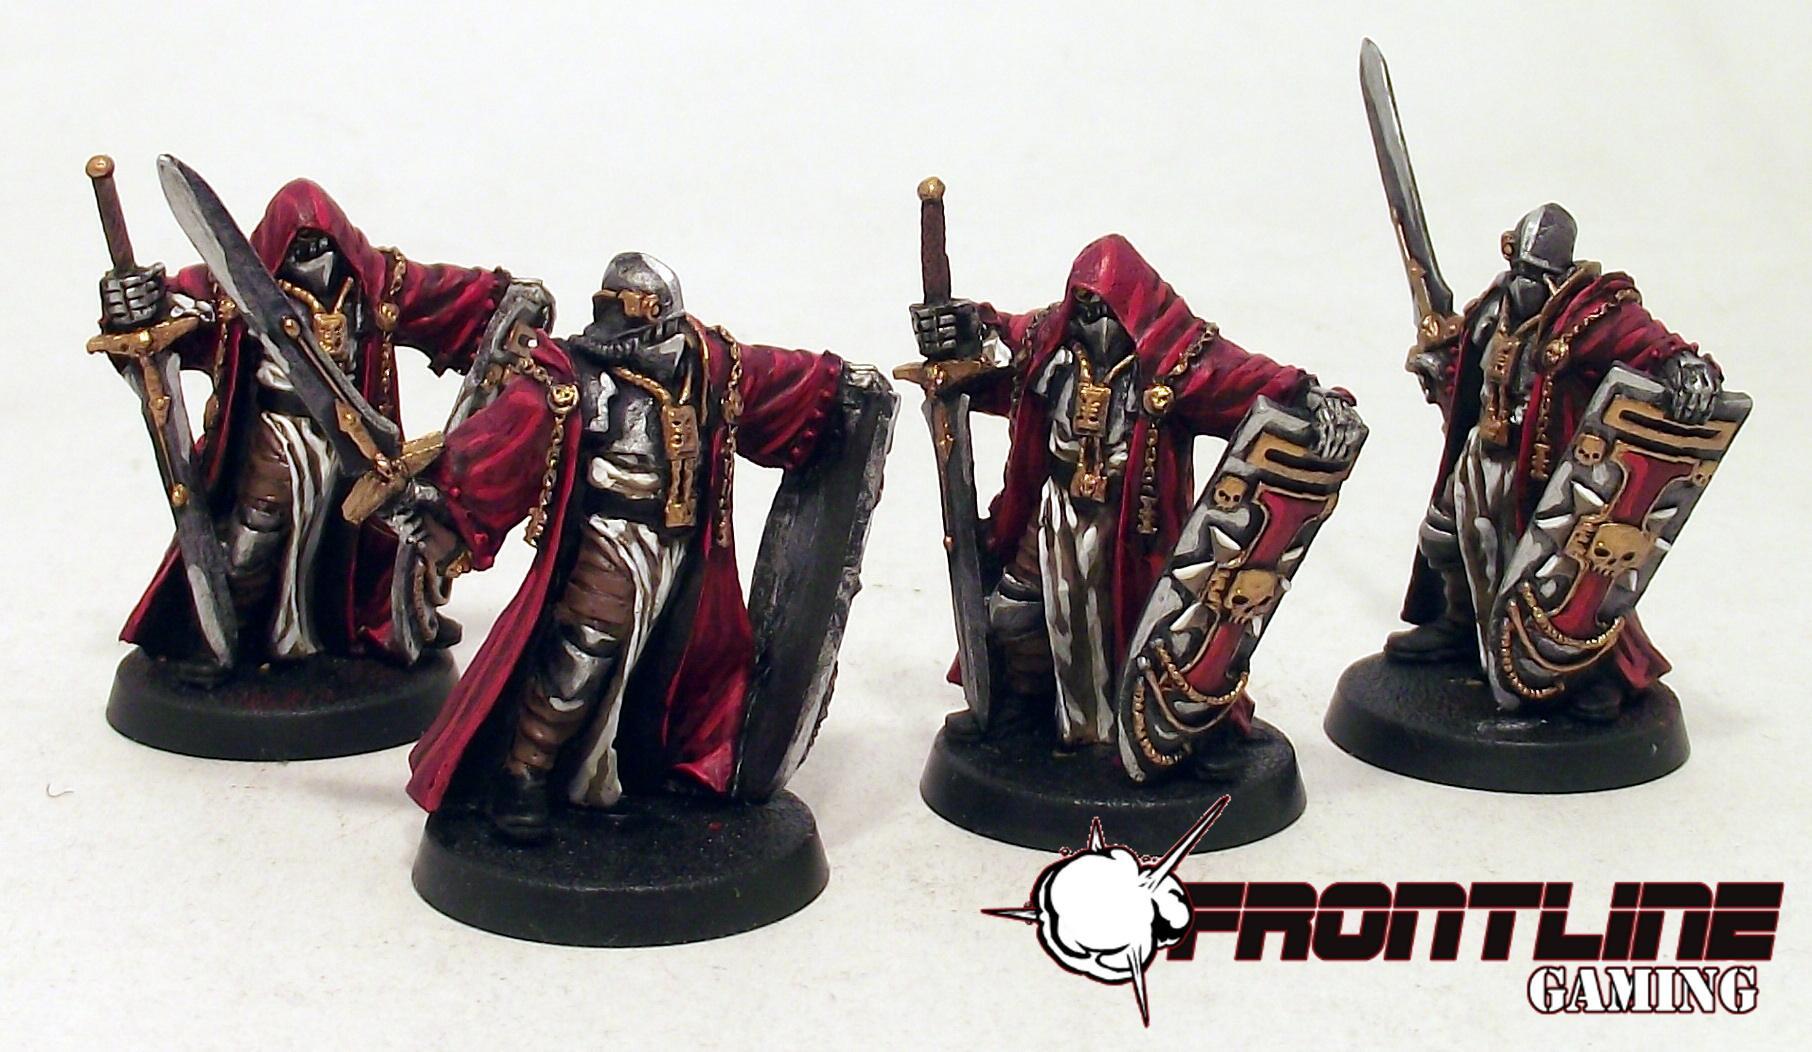 Crusader, Henchmen, Inquisition